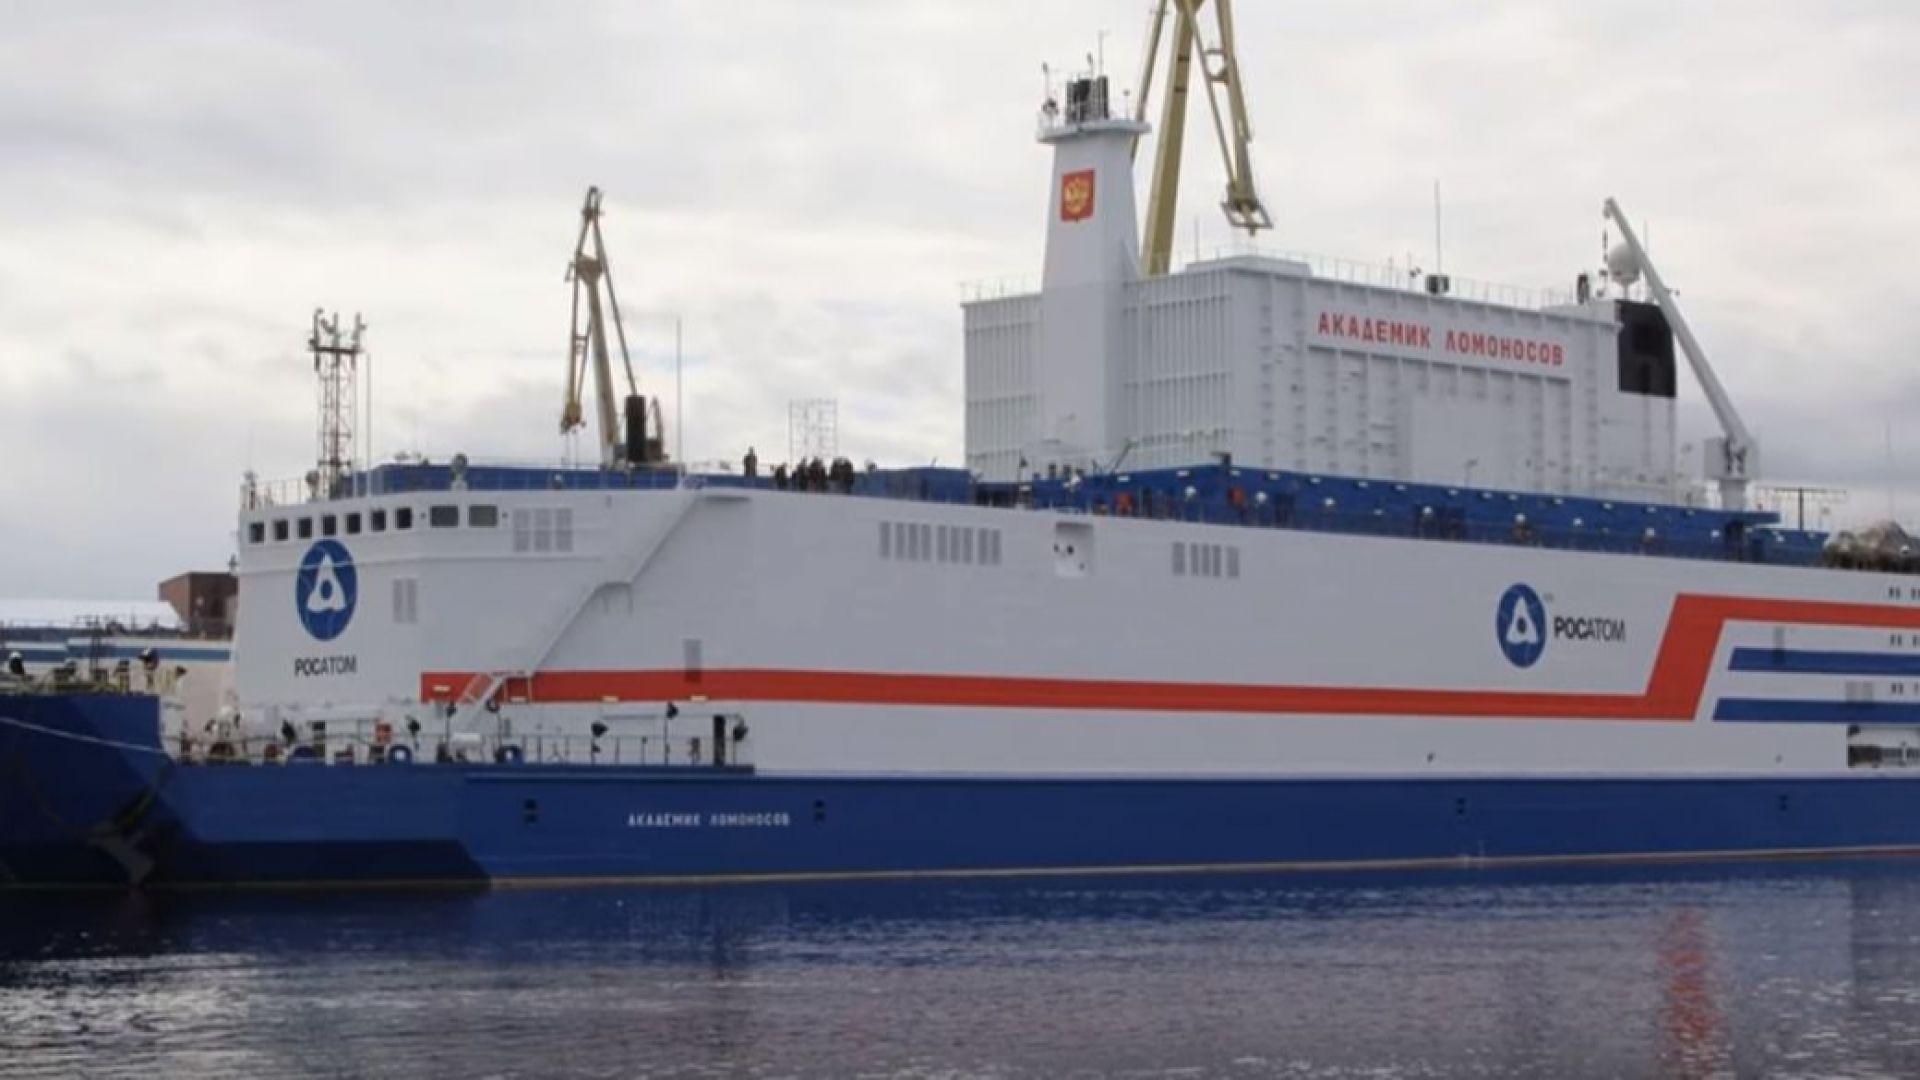 Първата плаваща ядрена централа в света пристигна в пристанището си